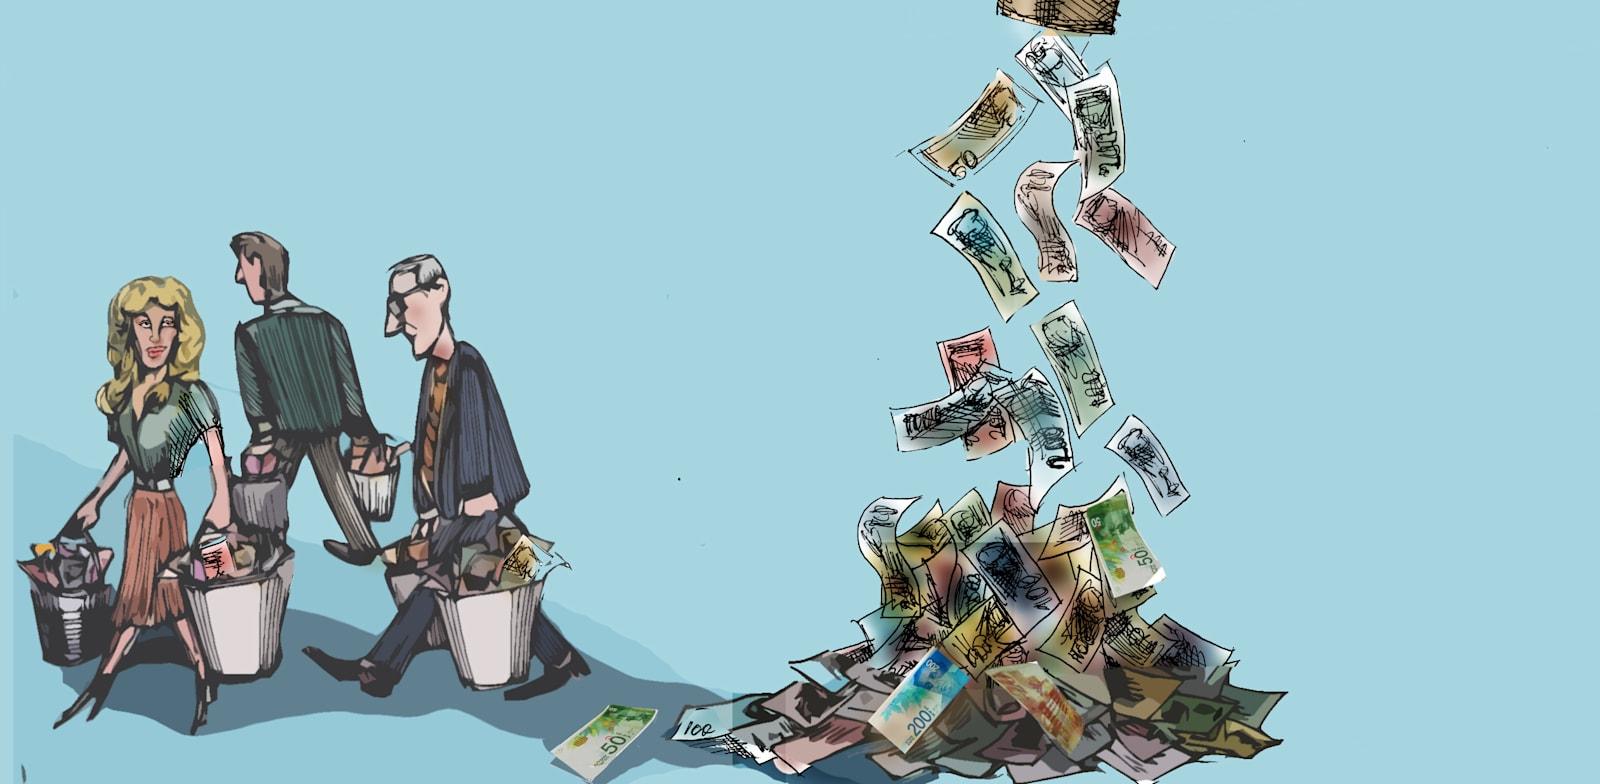 הכספים שהזרימו ממשלות בקורונה מנעו פשיטות רגל וימנעו מיתון עתידי / איור: גיל ג'יבלי